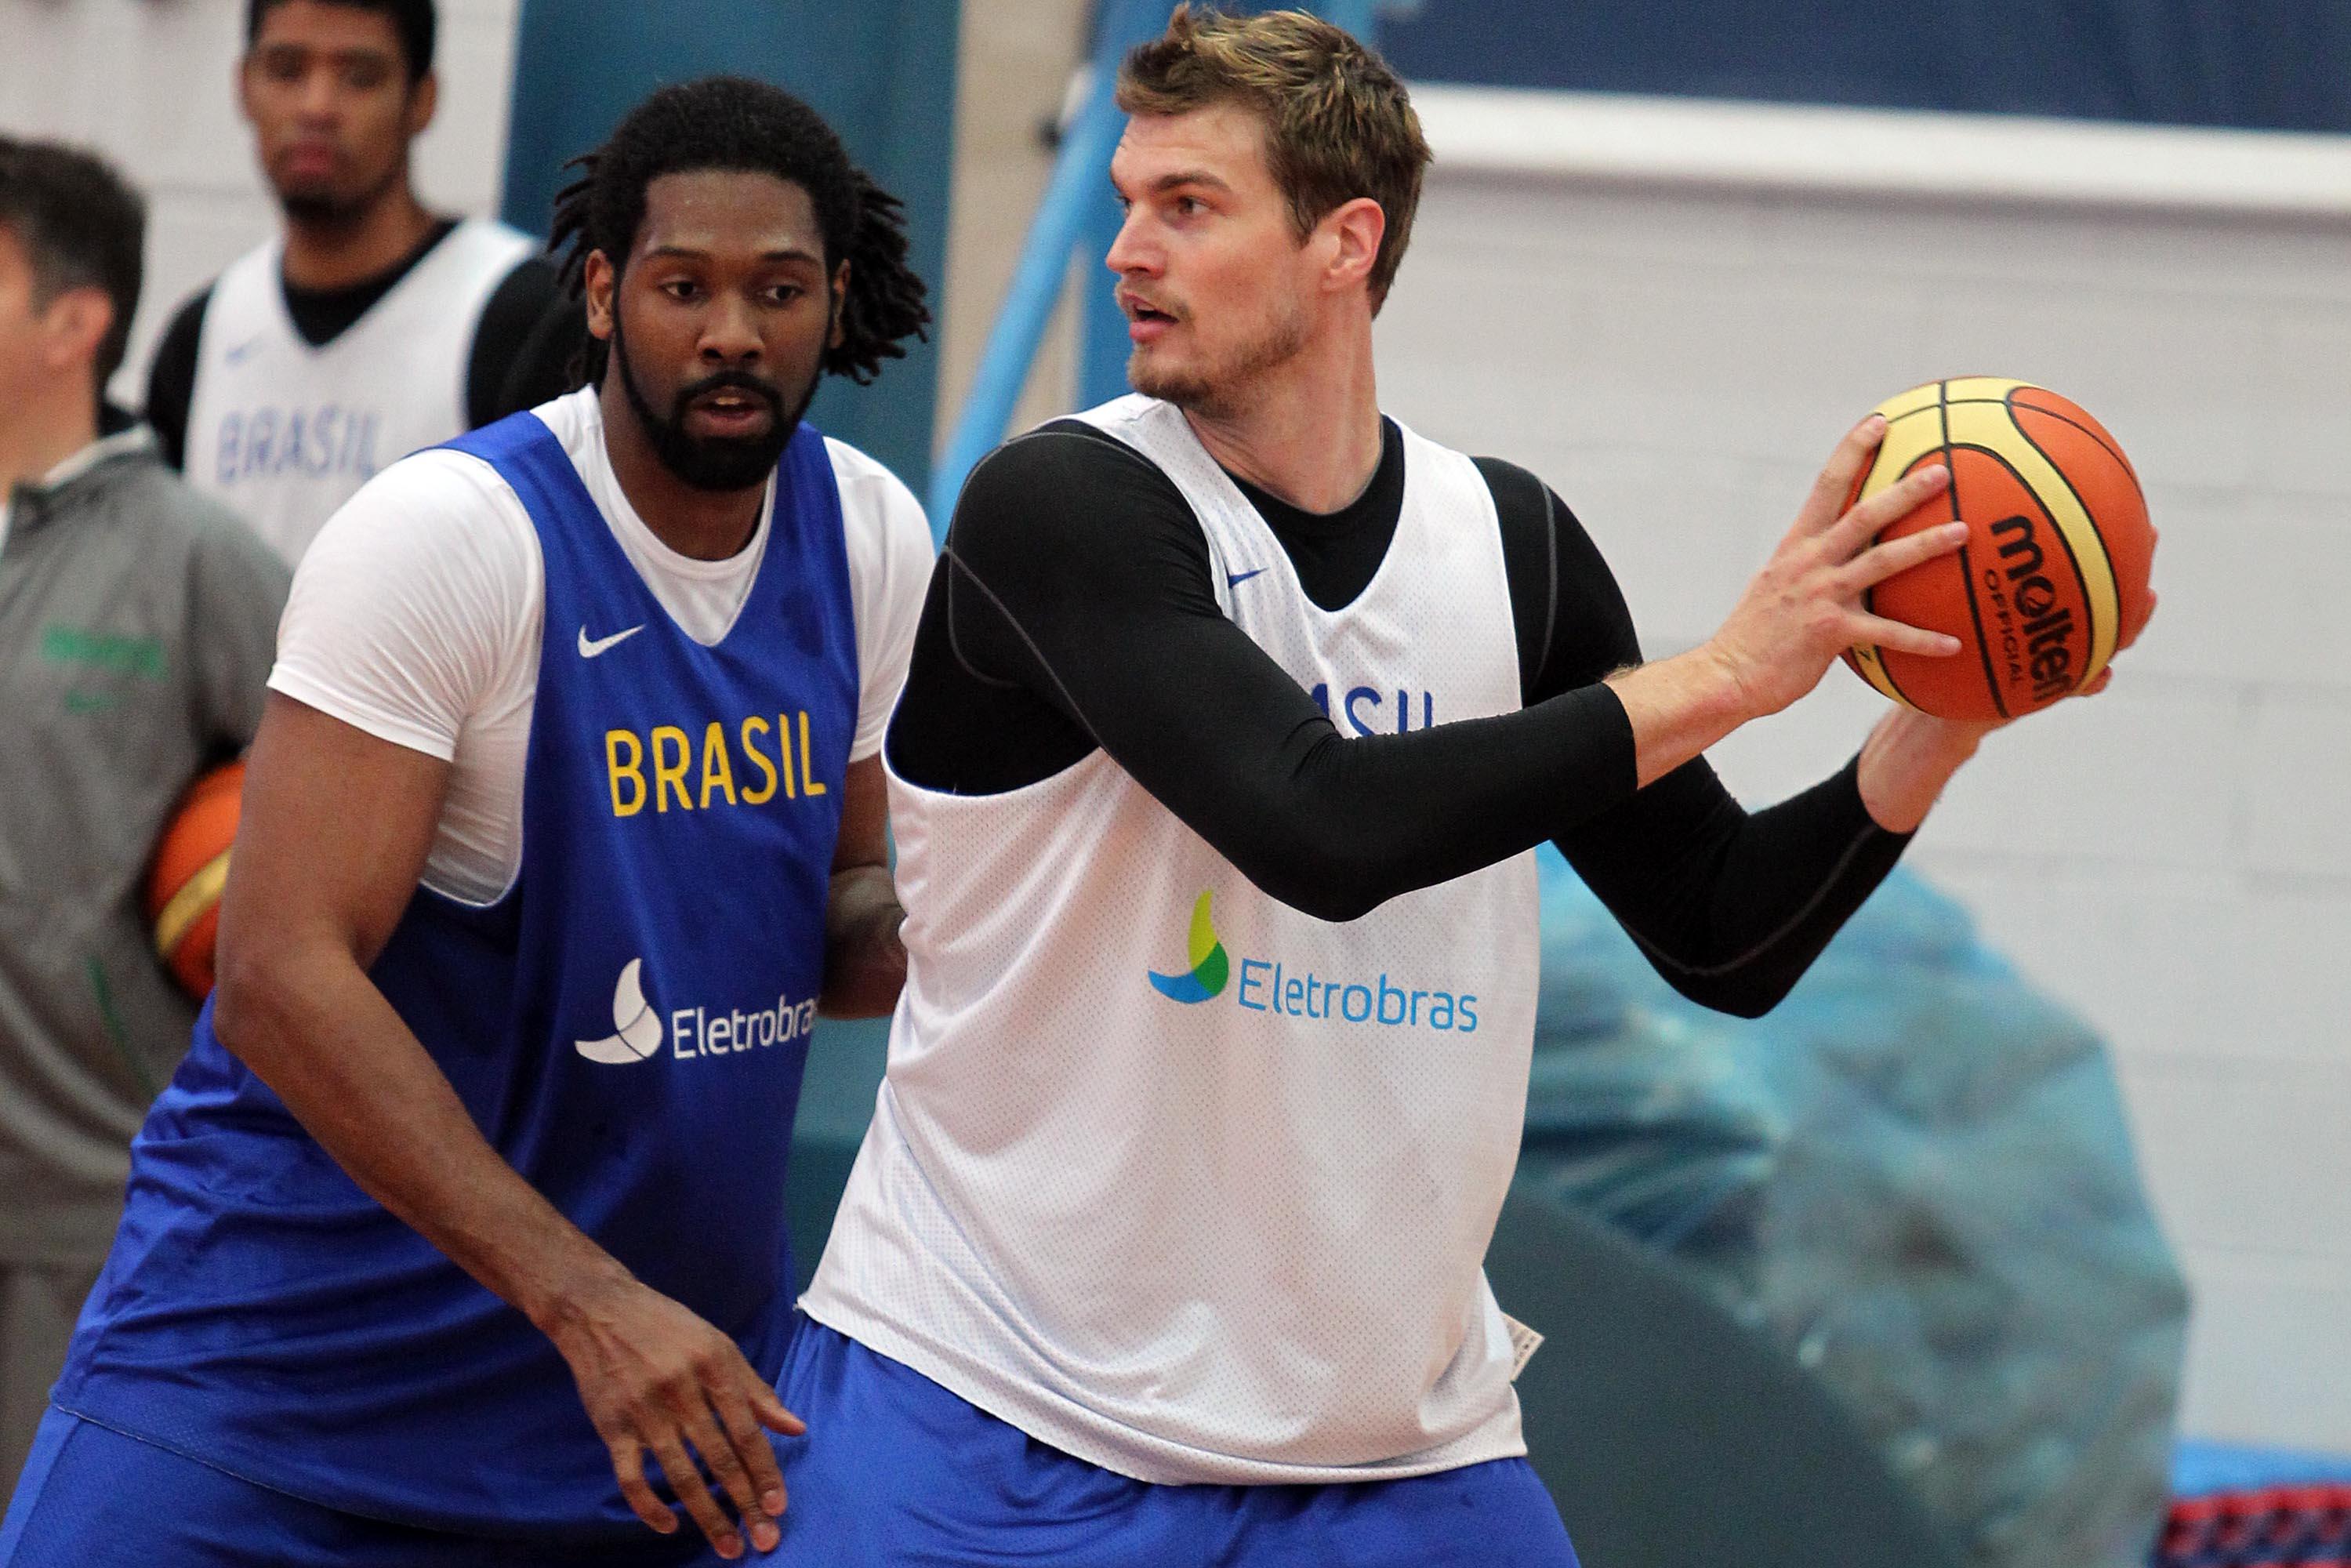 Tiago Splitter se junta ao elenco brasileiro após grande campanha na NBA e  chega visando fazer história com a camisa do Brasil. Tiago Splitter ... 8d8ba0d4e2415